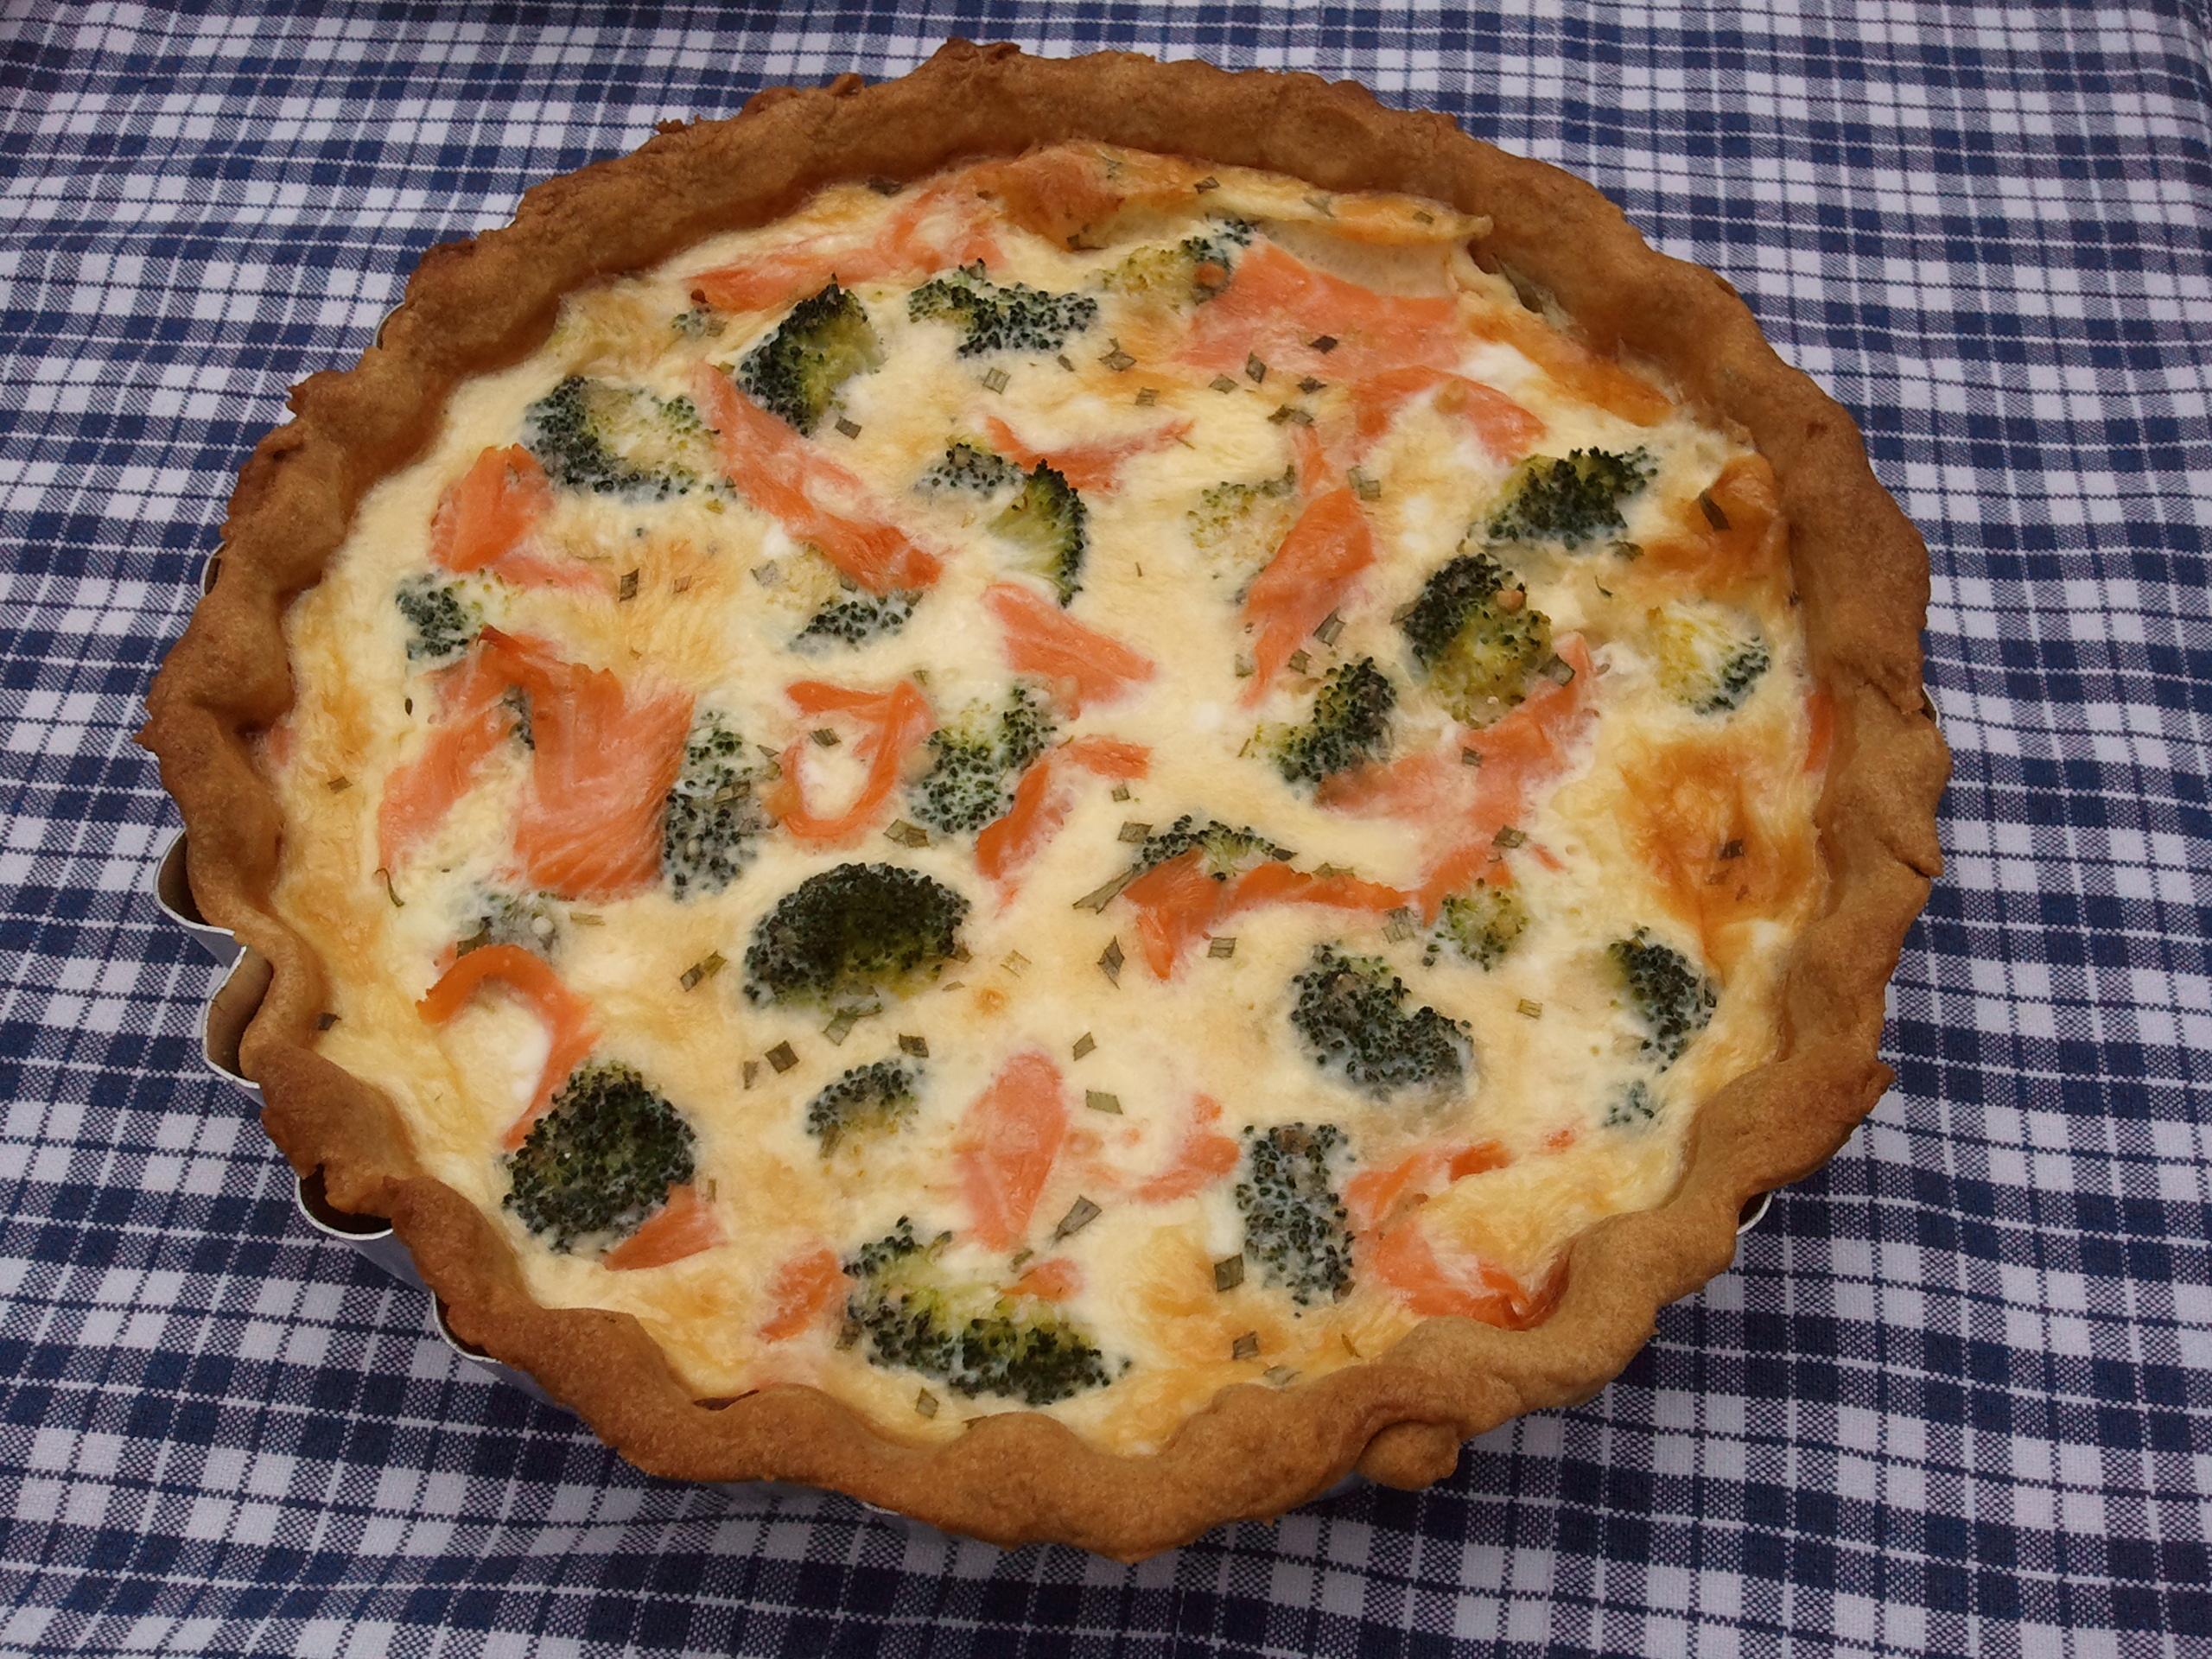 Ricetta Quiche Broccoli.Smoked Salmon And Broccoli Quiche Ricette Misfatti Recipes Misdemeanors